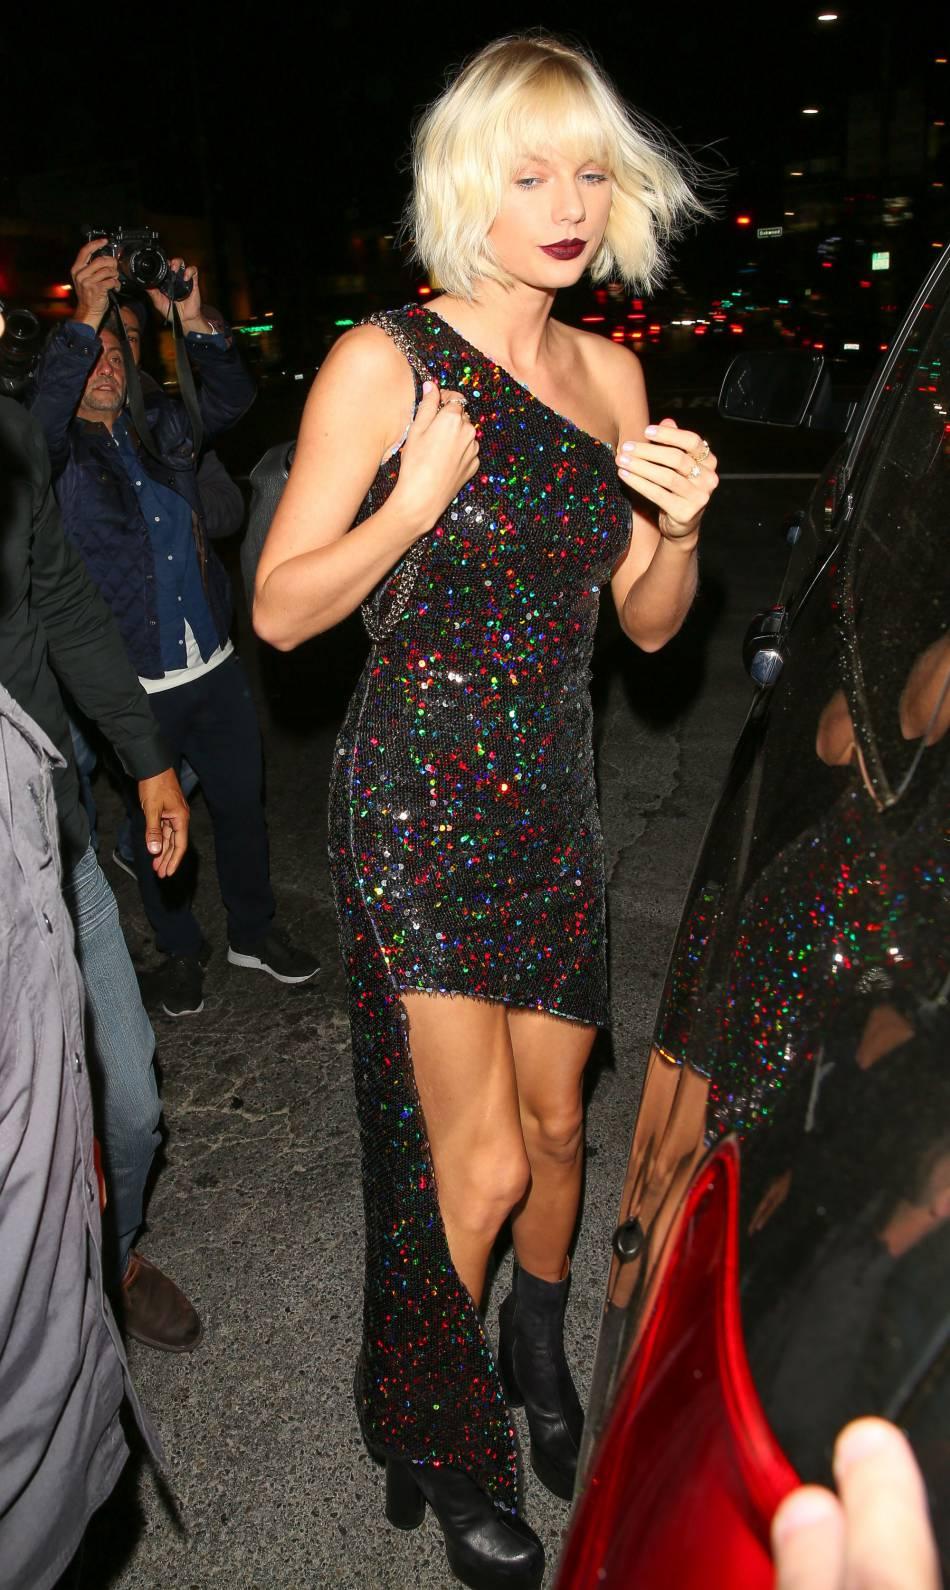 Dans sa robe une manche Haney, Taylor Swift révèle toute sa féminité.